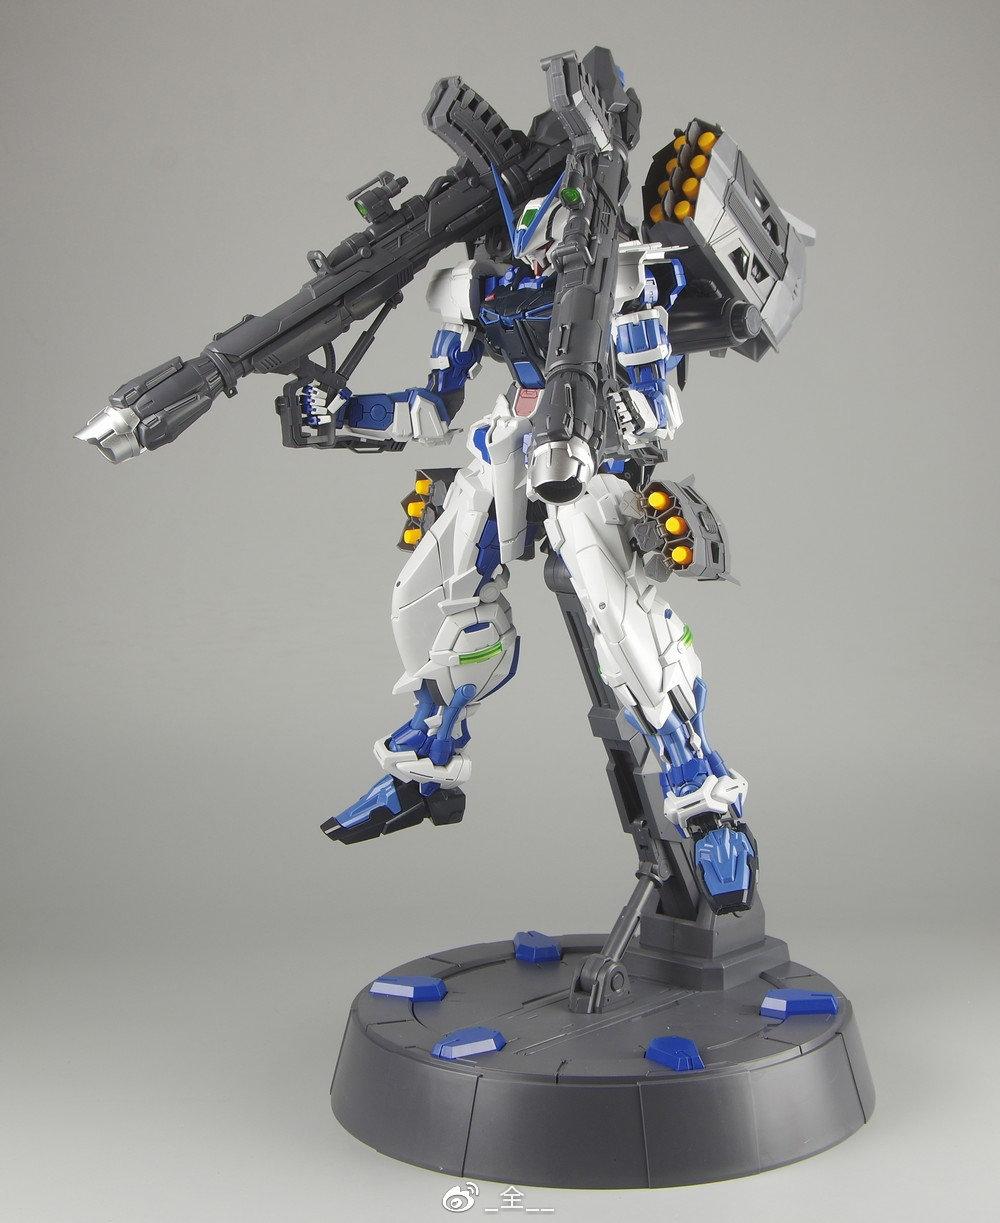 S306_blueframe_astray_107.jpg